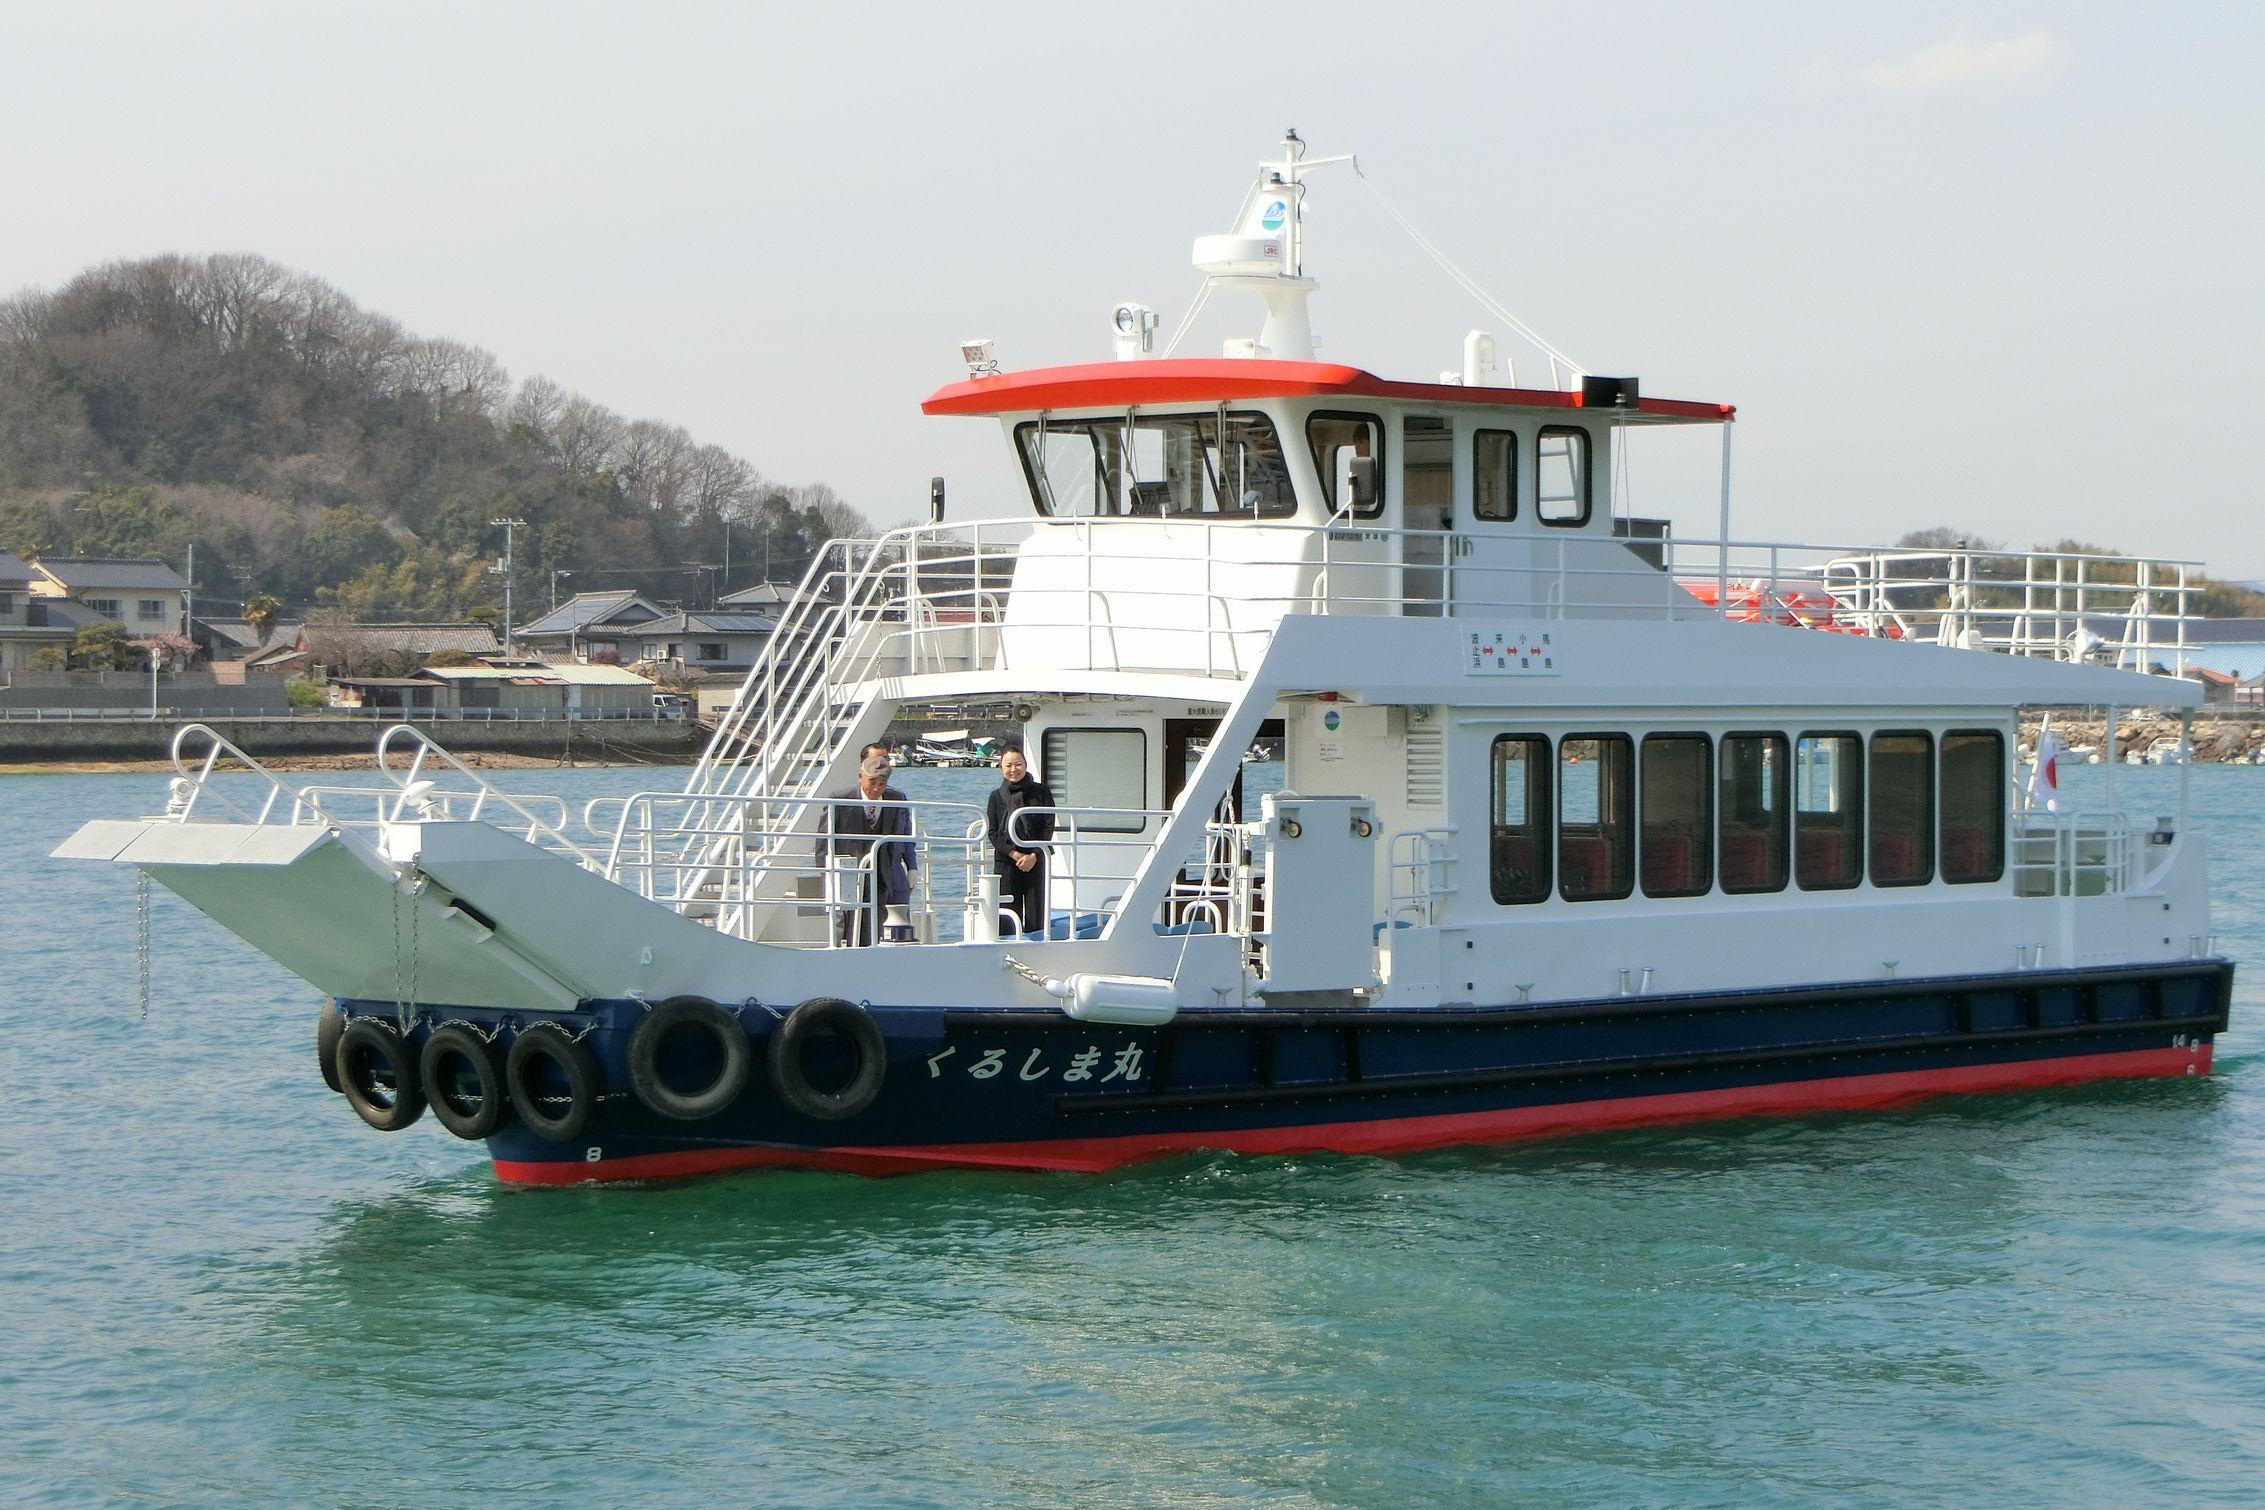 ツネイシクラフト&ファシリティーズ 来島海峡を渡る旅客船「くるしま丸」を竣工・引渡